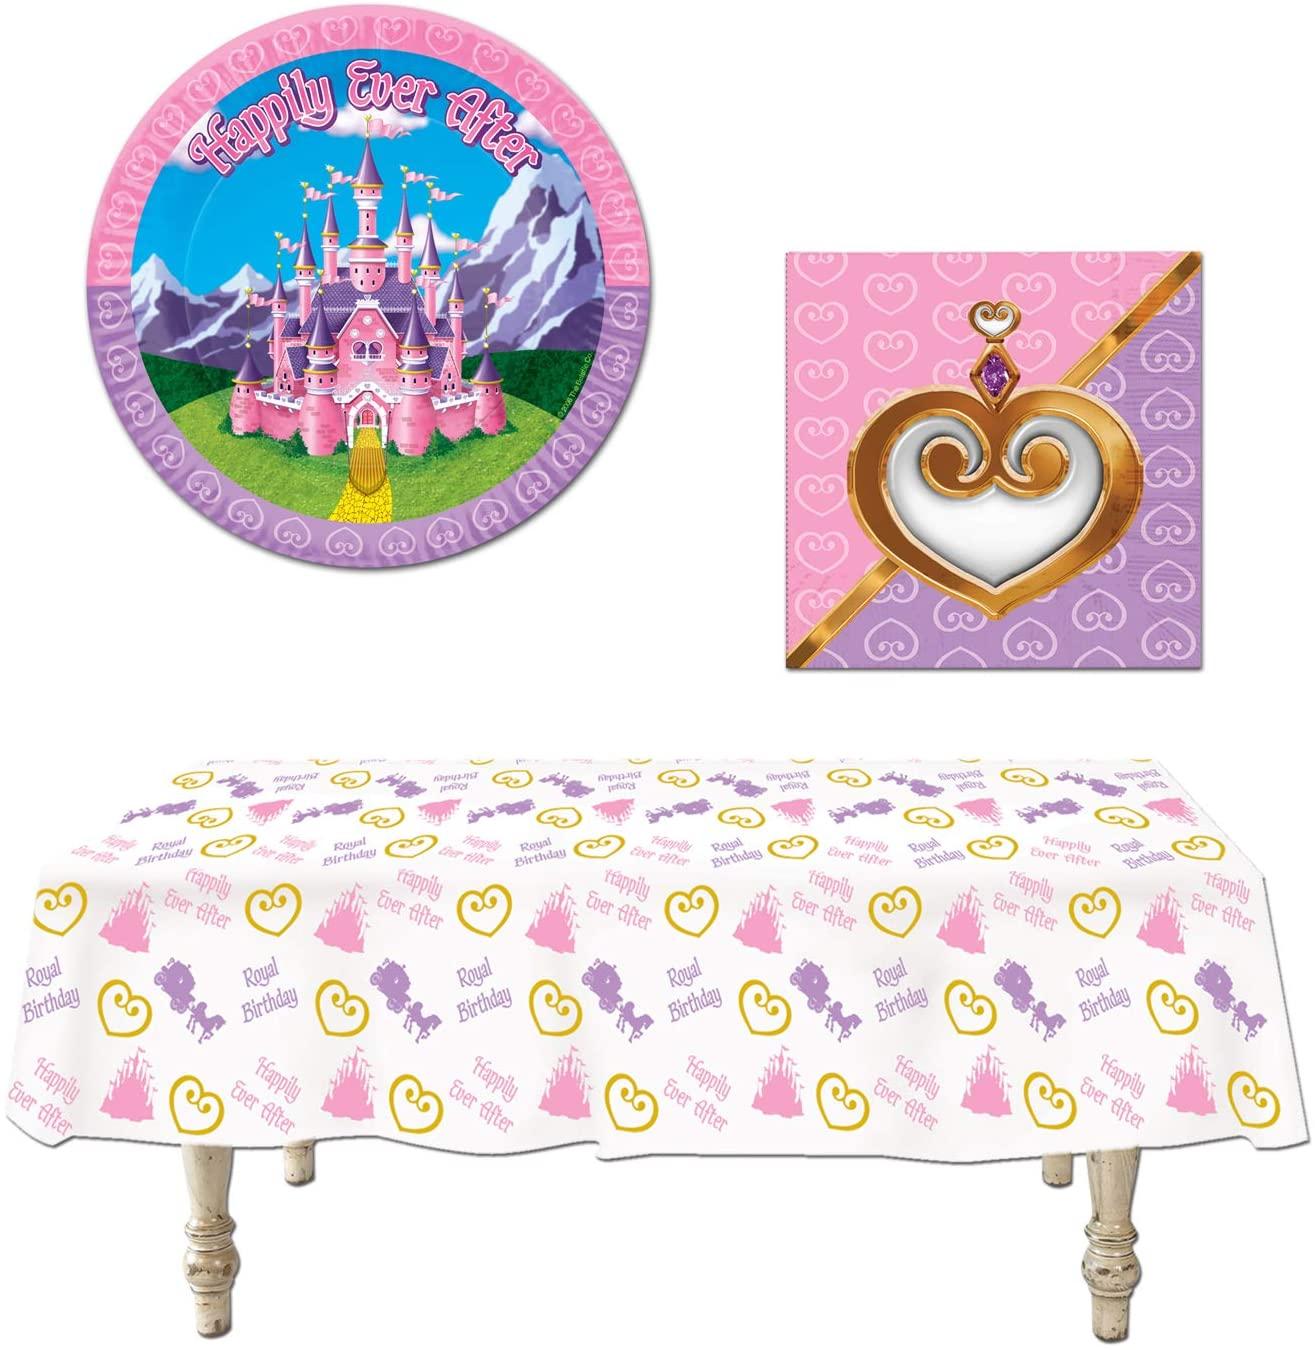 Princess Party Decorations 33 Piece Bundle Tablecover Plates Napkins